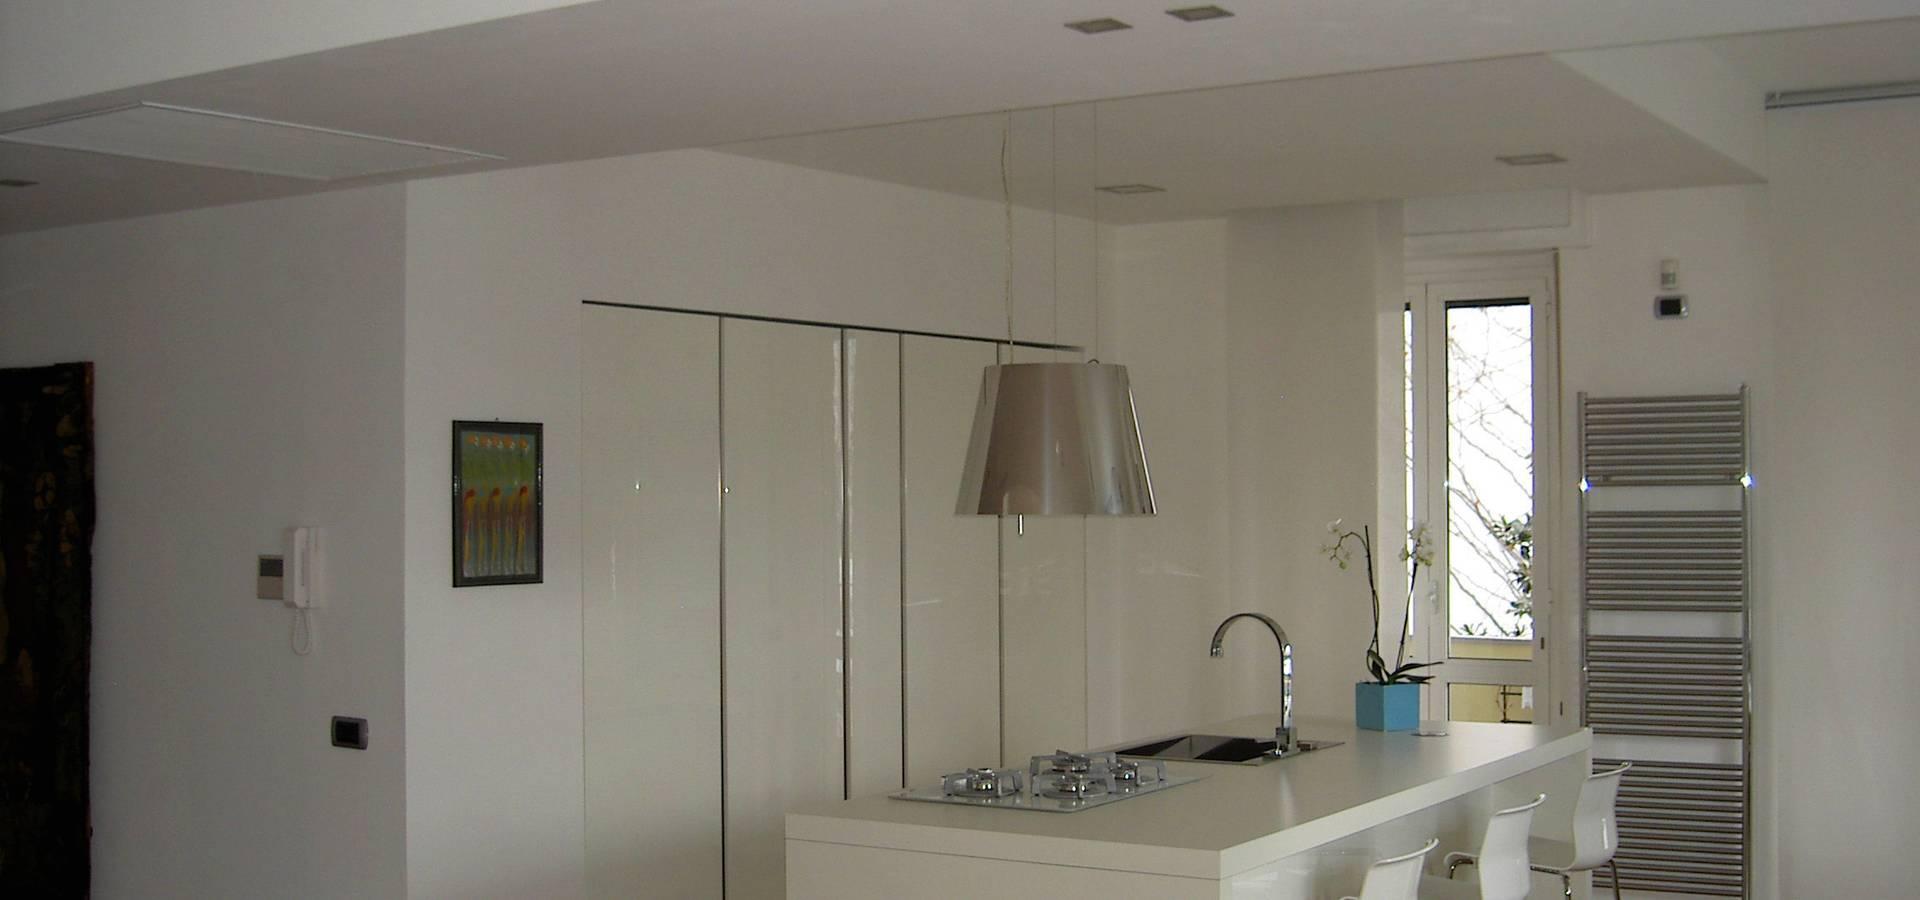 Agostinelli Architetti —Green Interior Design